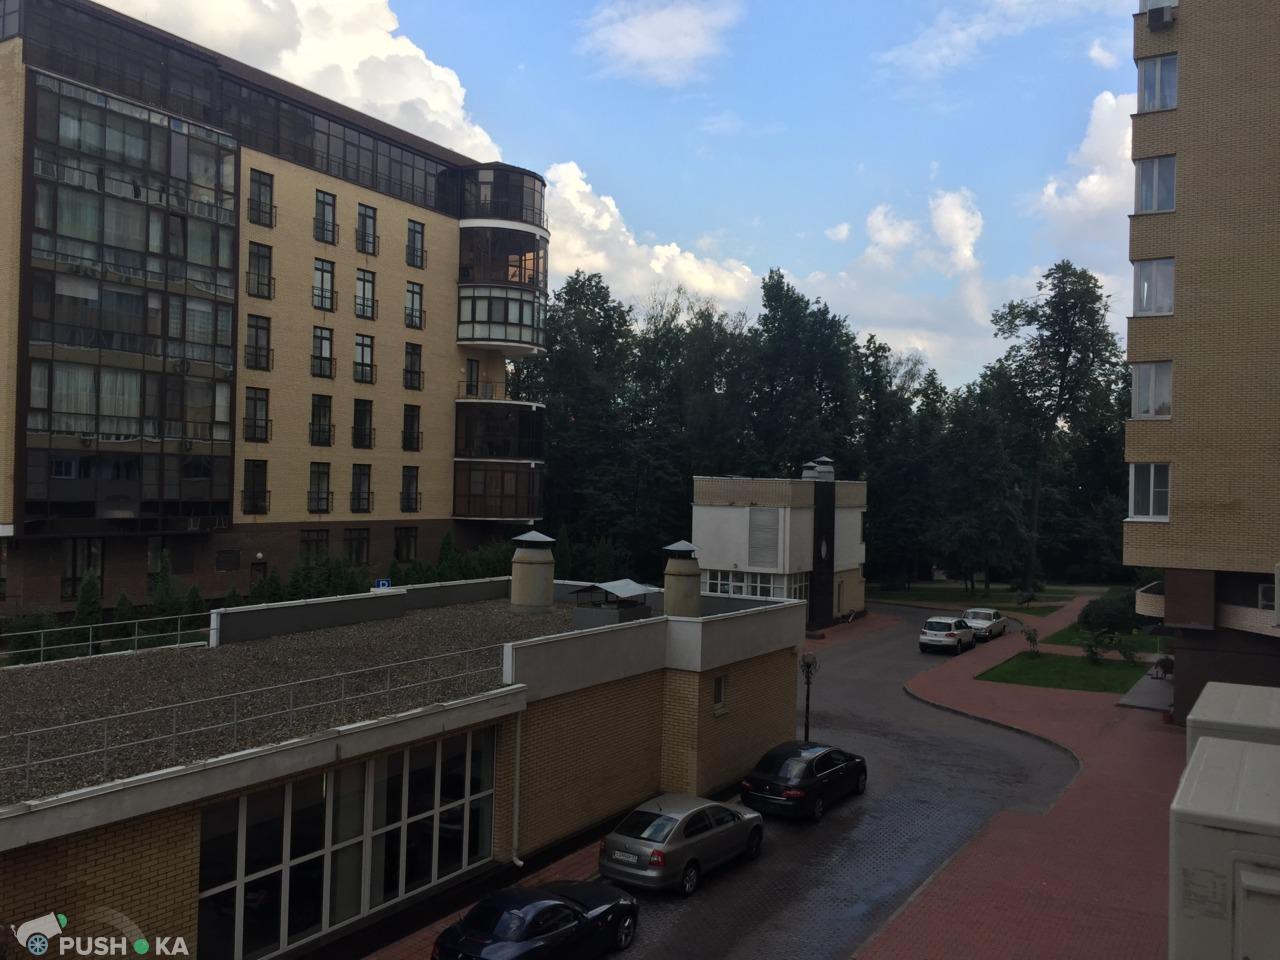 Купить трёхкомнатную квартиру г Москва, ул Староволынская, д 15 к 2 - World Real Estate Service «PUSH-KA», объявление №190